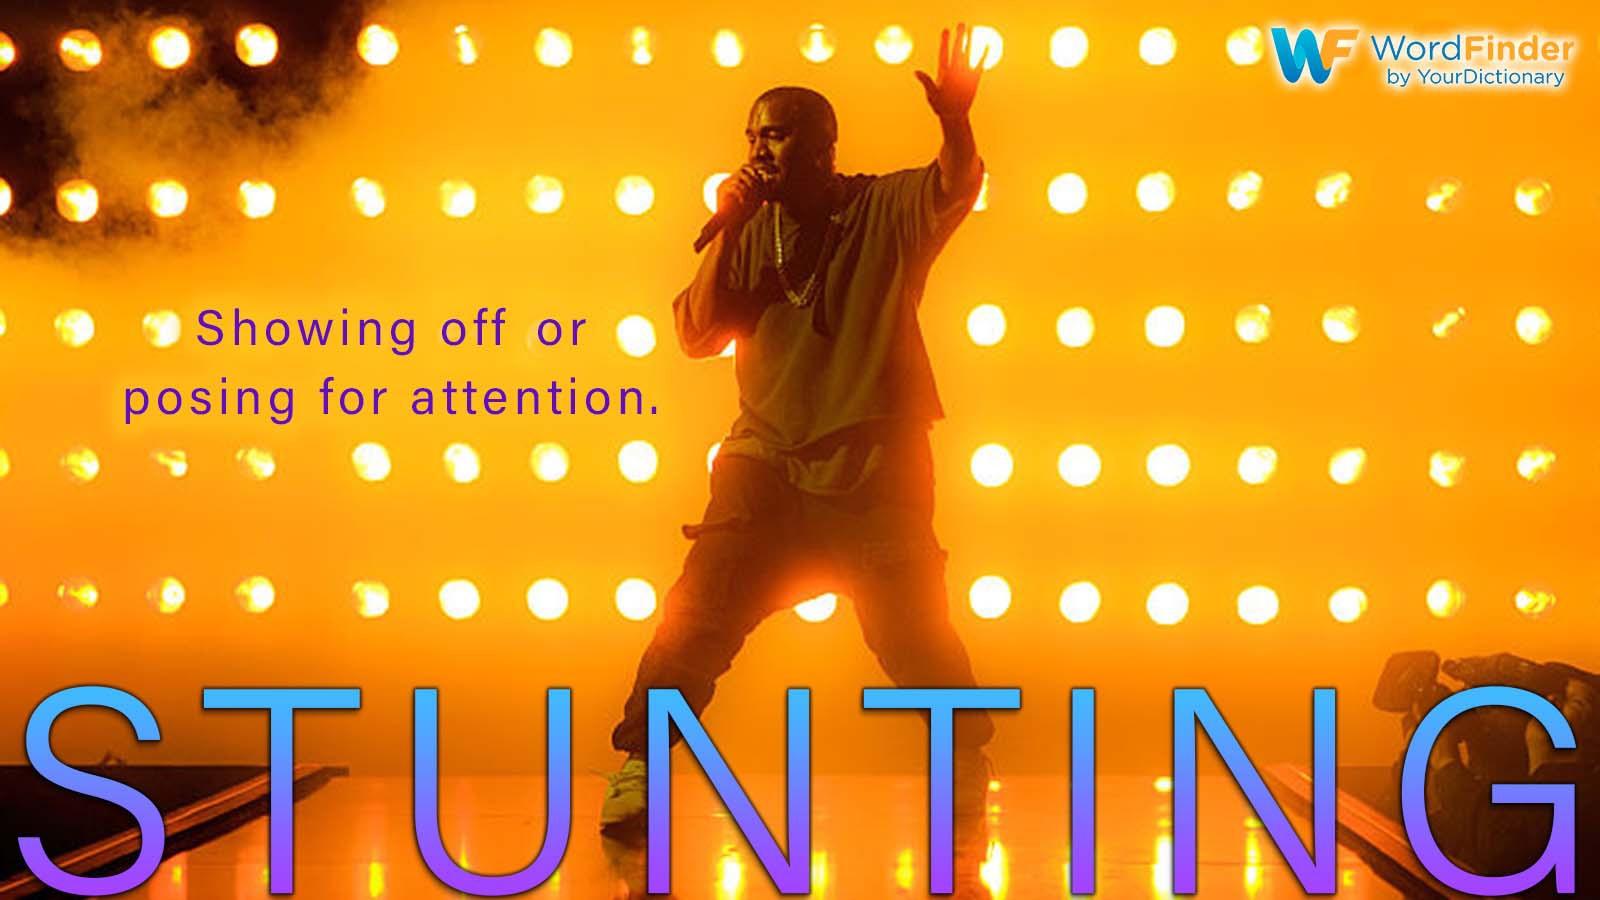 stunting definition Kanye West